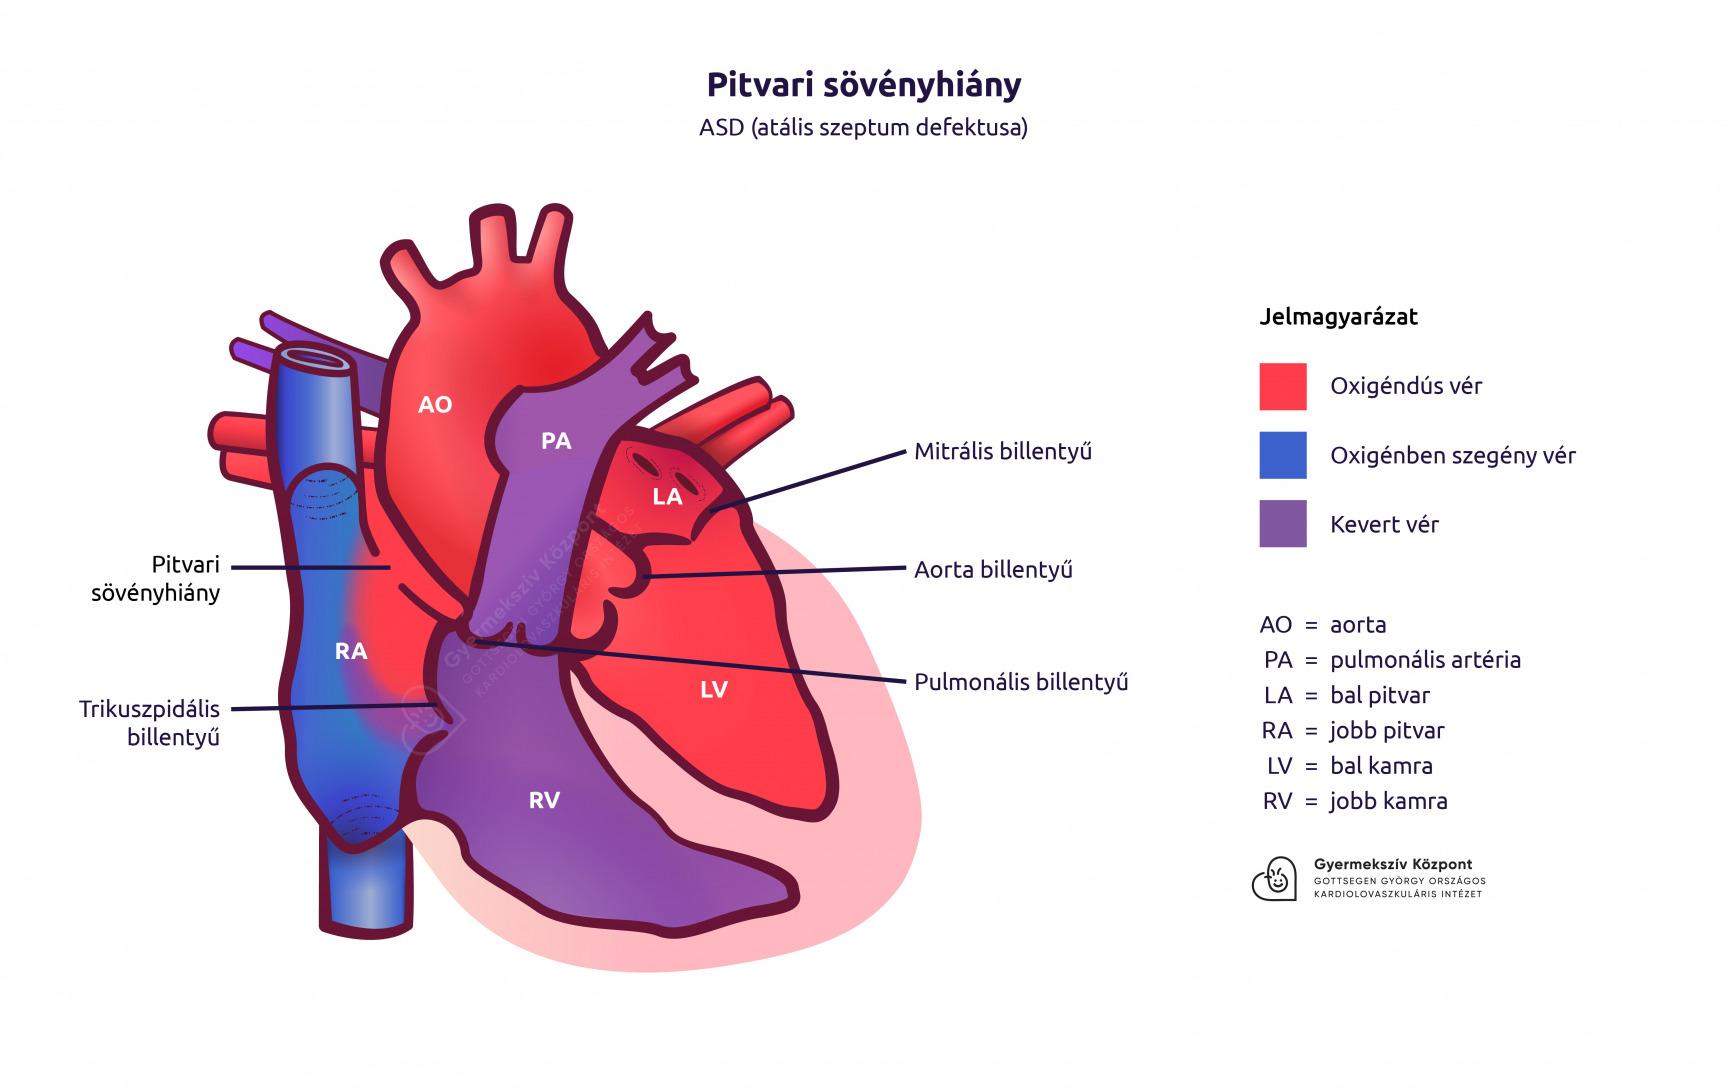 magas vérnyomás kezeléssel foglalkozó blog kombinációk a magas vérnyomás kezelésére